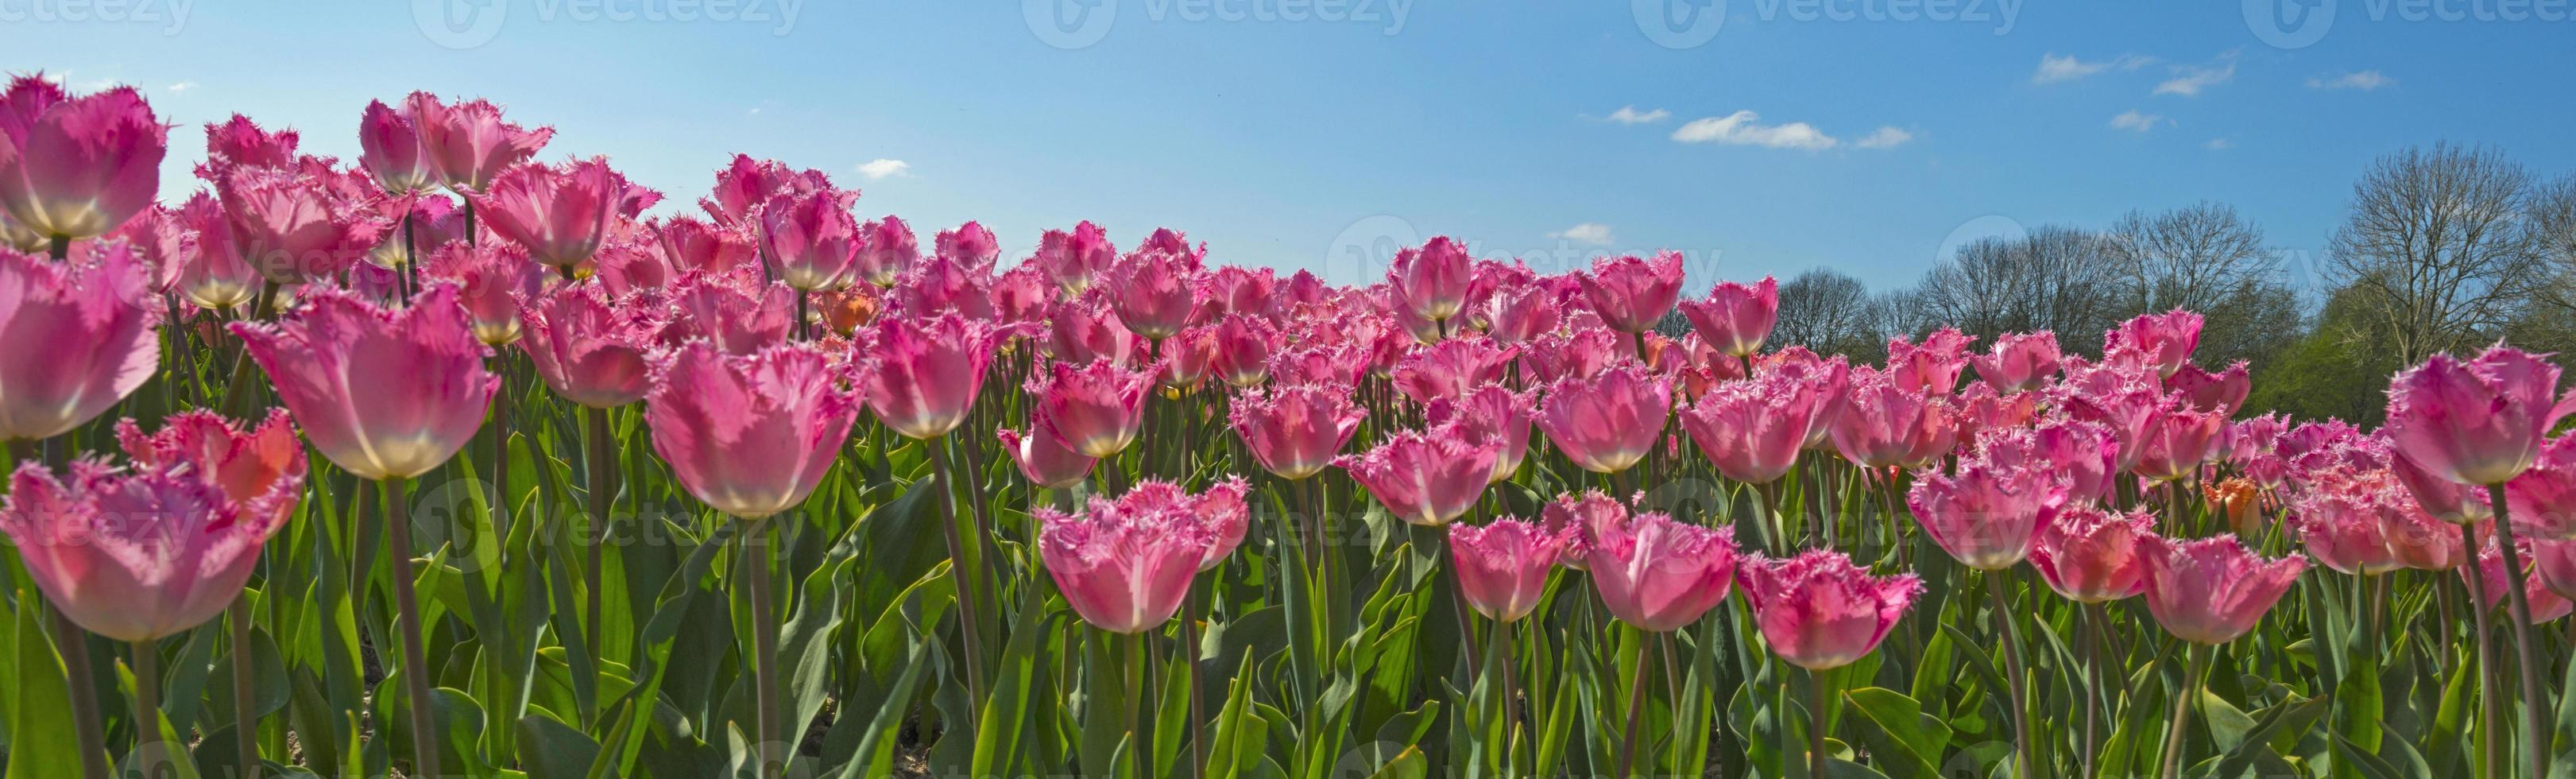 tulpen in een veld in het voorjaar foto